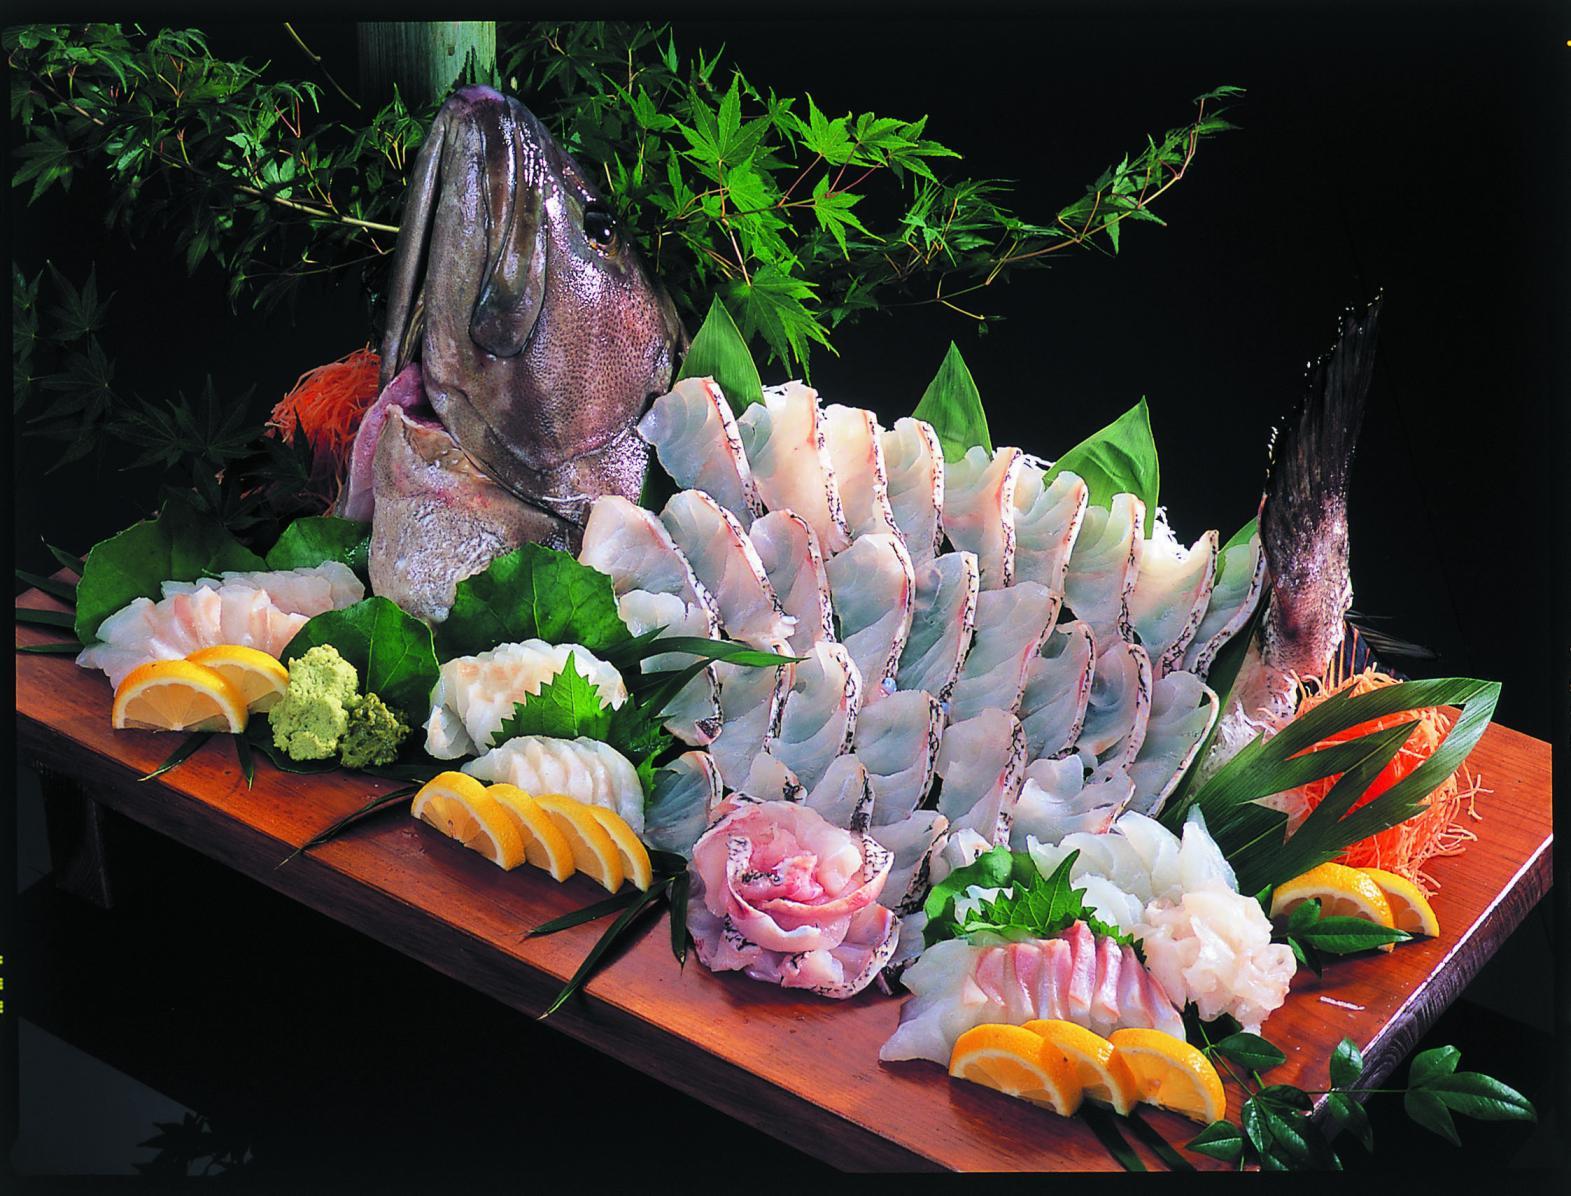 わざわざ食べに行きたい!旬の魚介を産地で味わおう-3